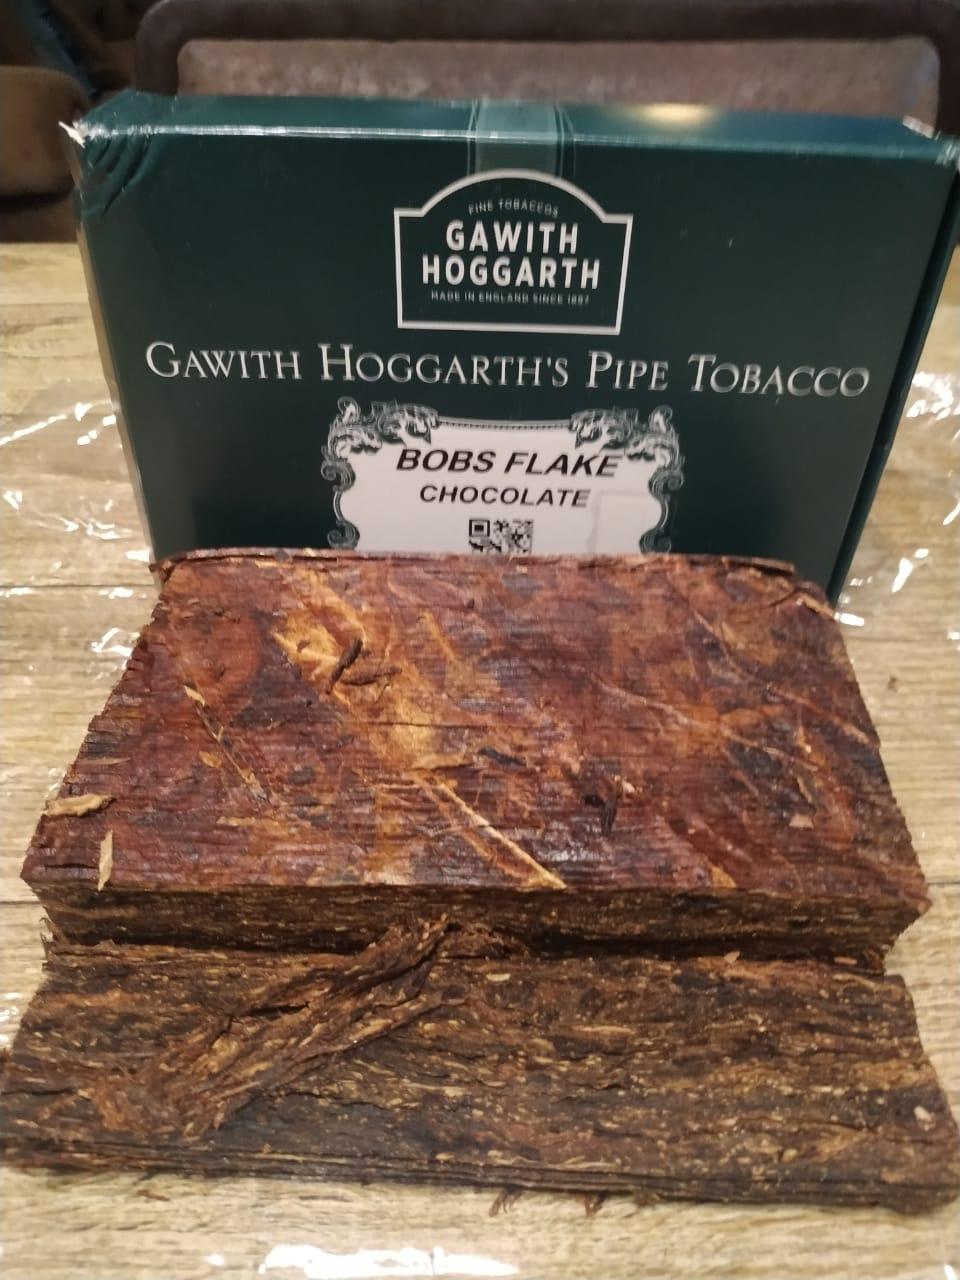 Gawith, Hoggarth & Co. - Bobs Flake Chocolate